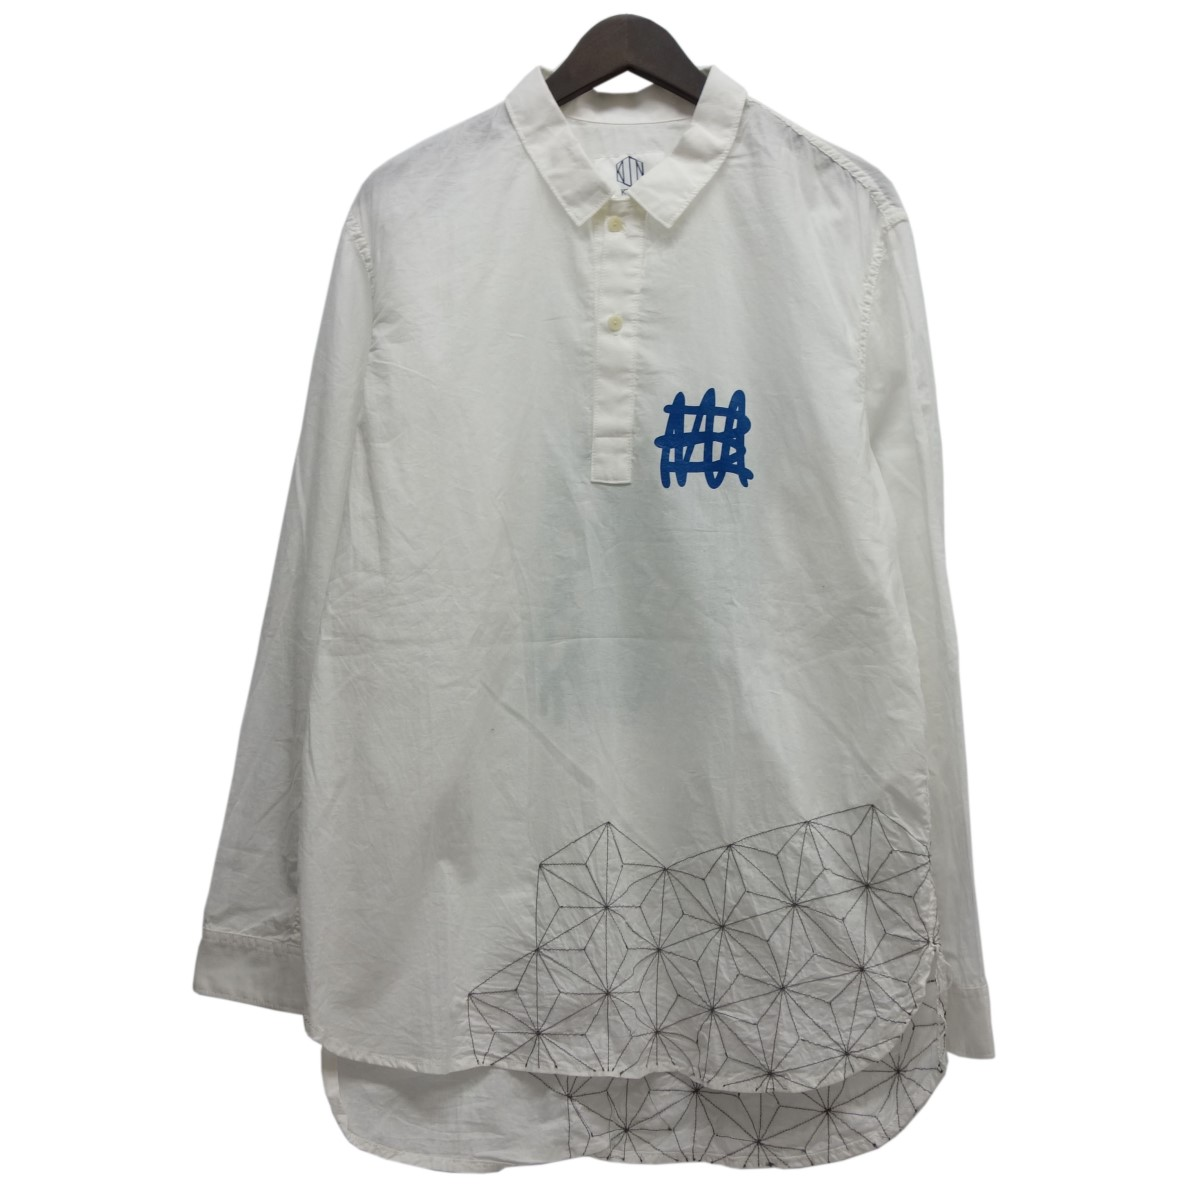 【中古】KUON 刺し子プルオーバーシャツ ホワイト サイズ:M 【230420】(クオン)